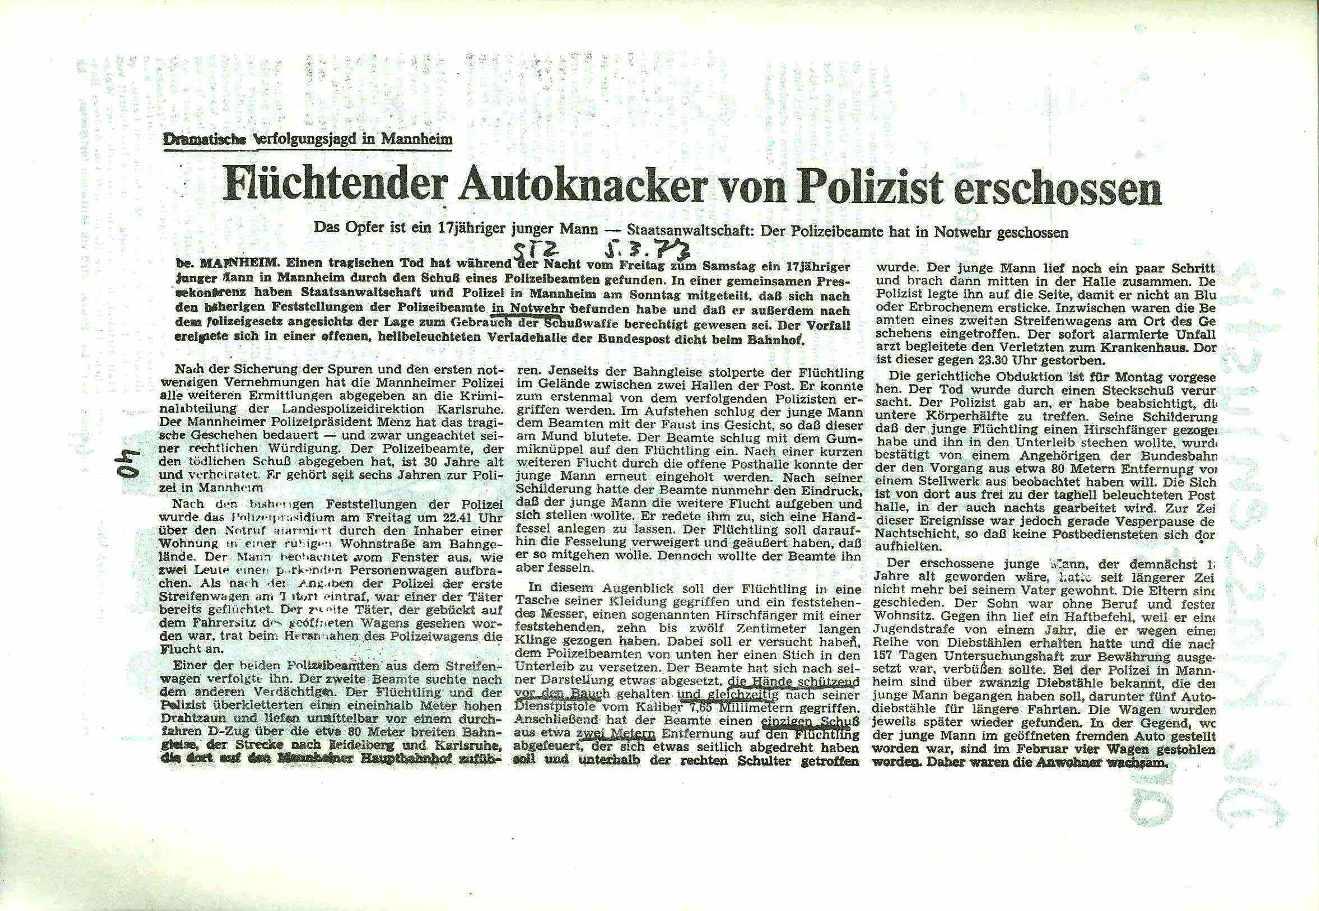 Stuttgart_RH065